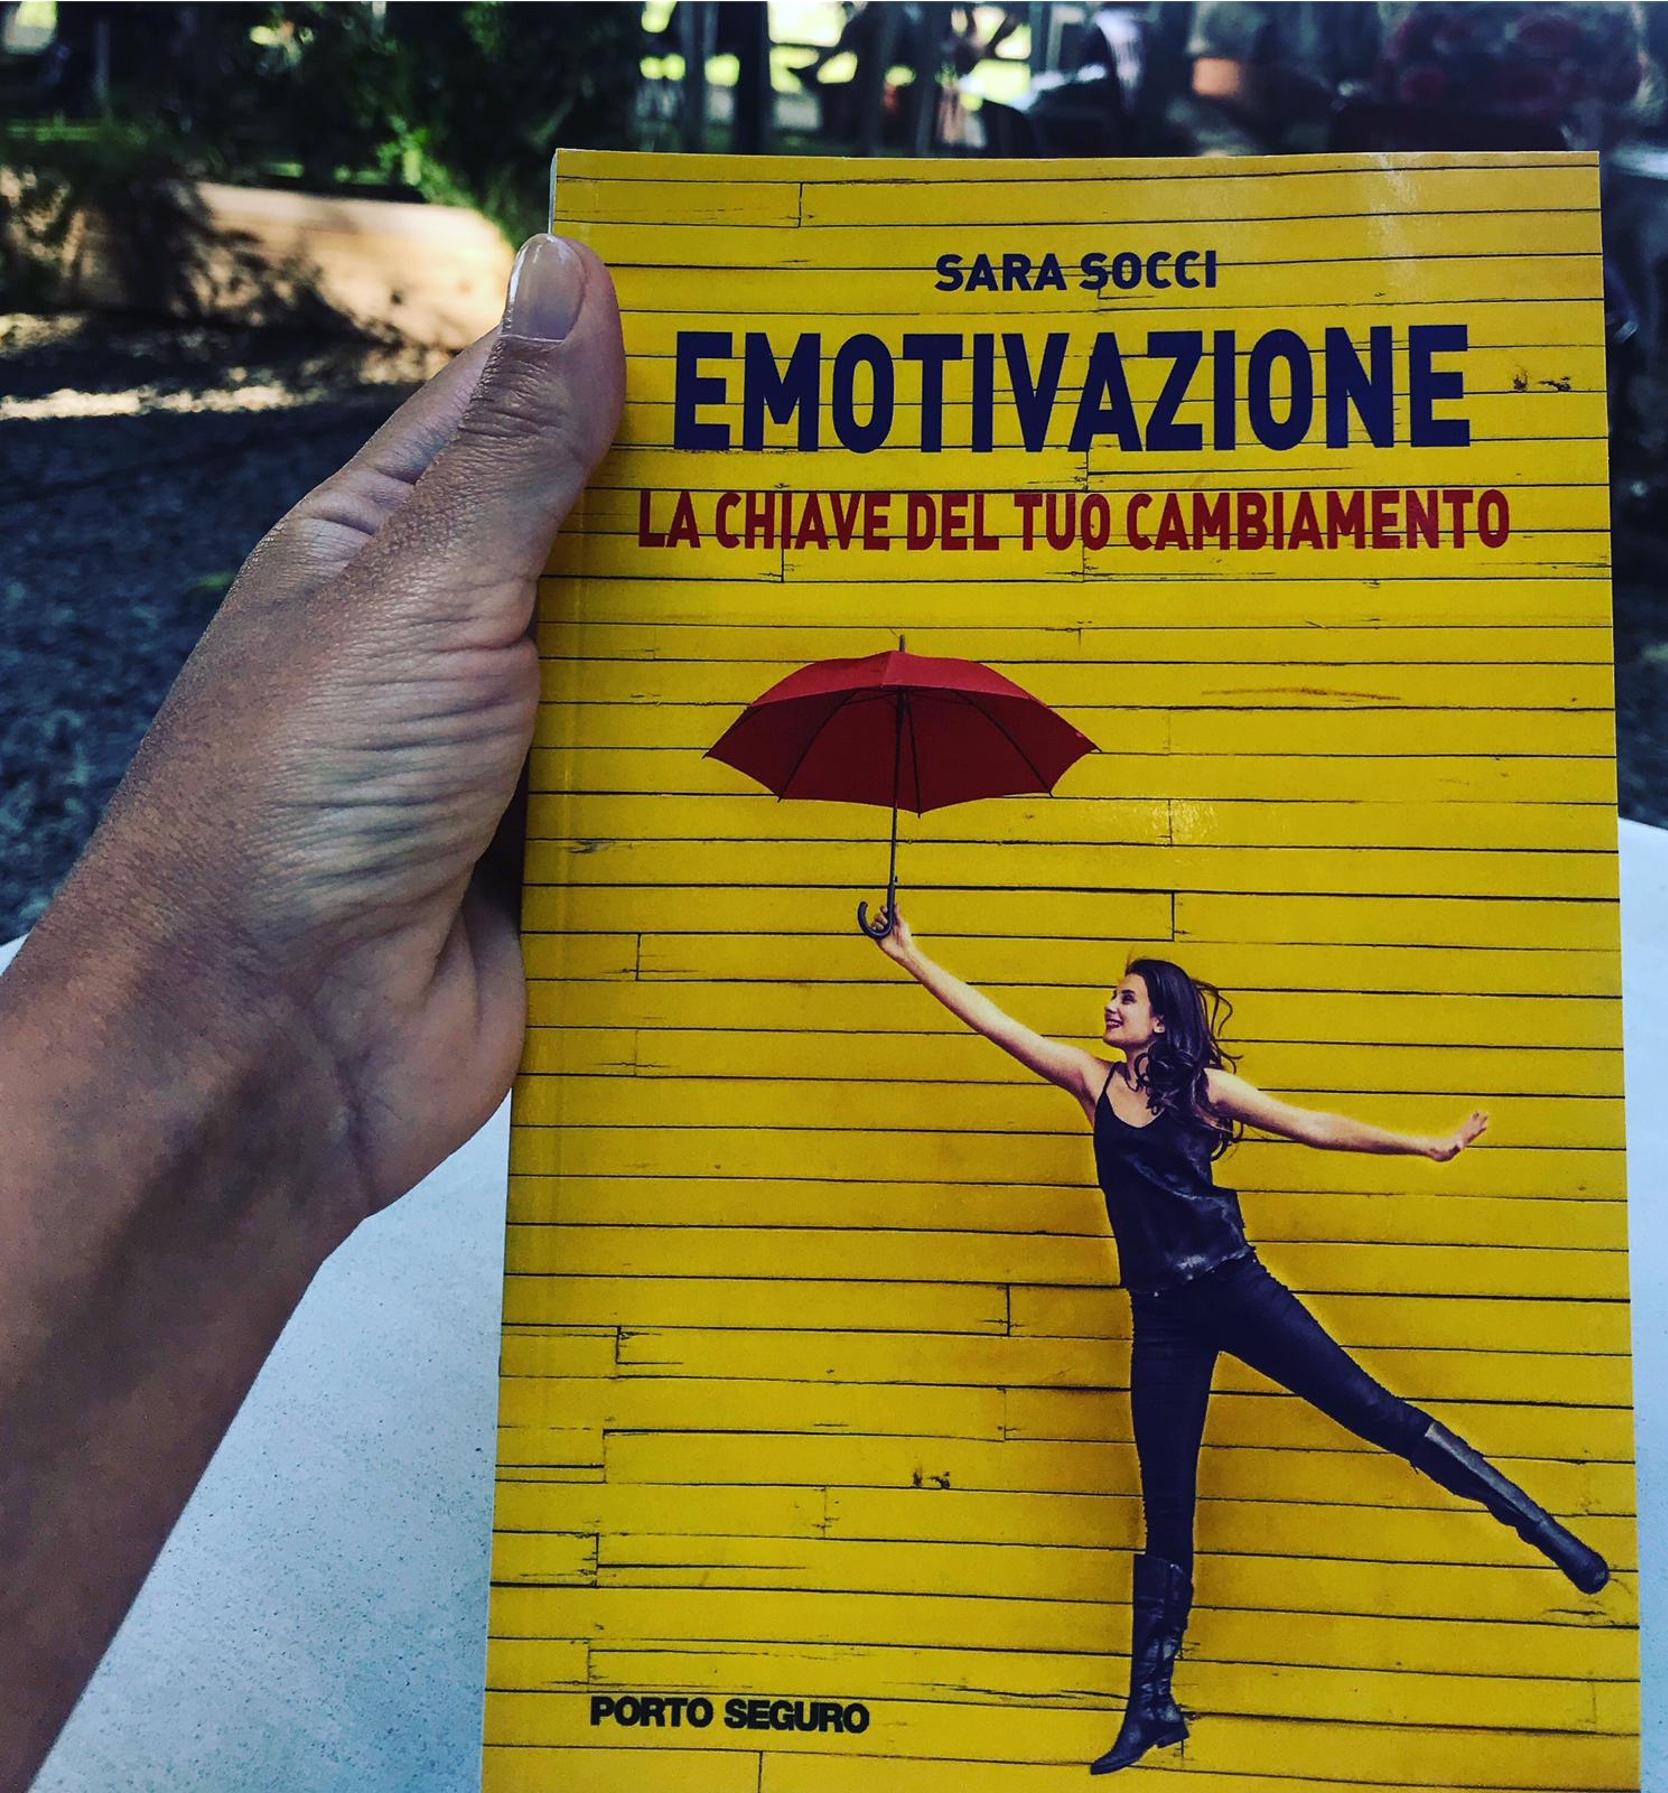 Emotivazione la chiave del tuo cambiamento